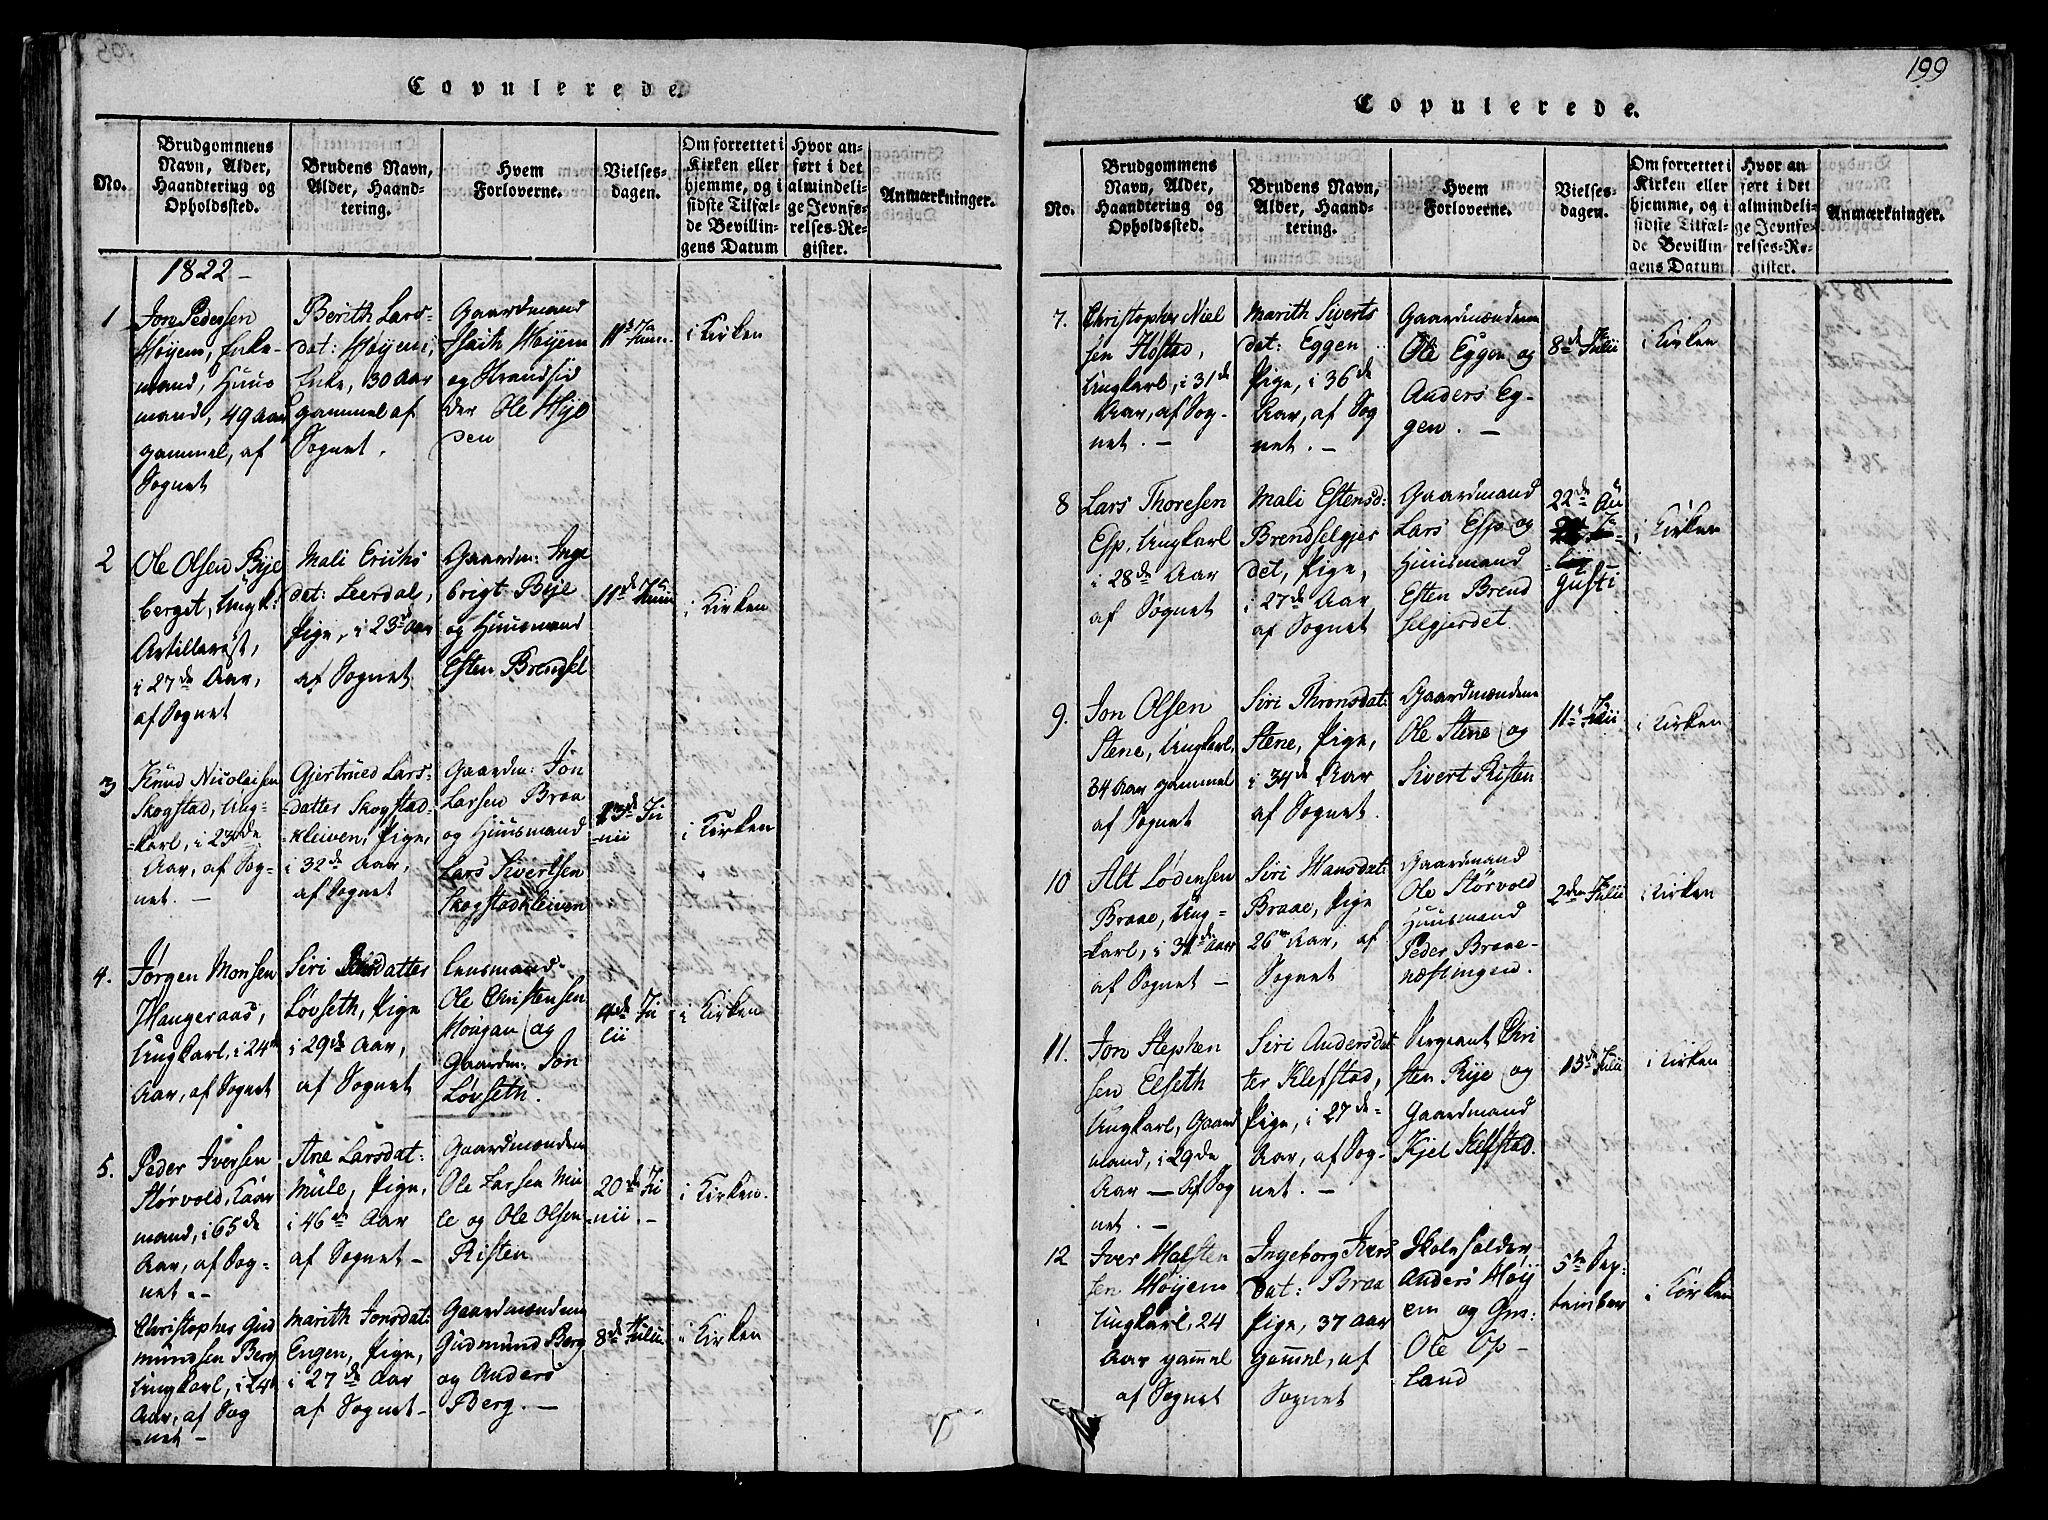 SAT, Ministerialprotokoller, klokkerbøker og fødselsregistre - Sør-Trøndelag, 612/L0372: Ministerialbok nr. 612A06 /1, 1816-1828, s. 199